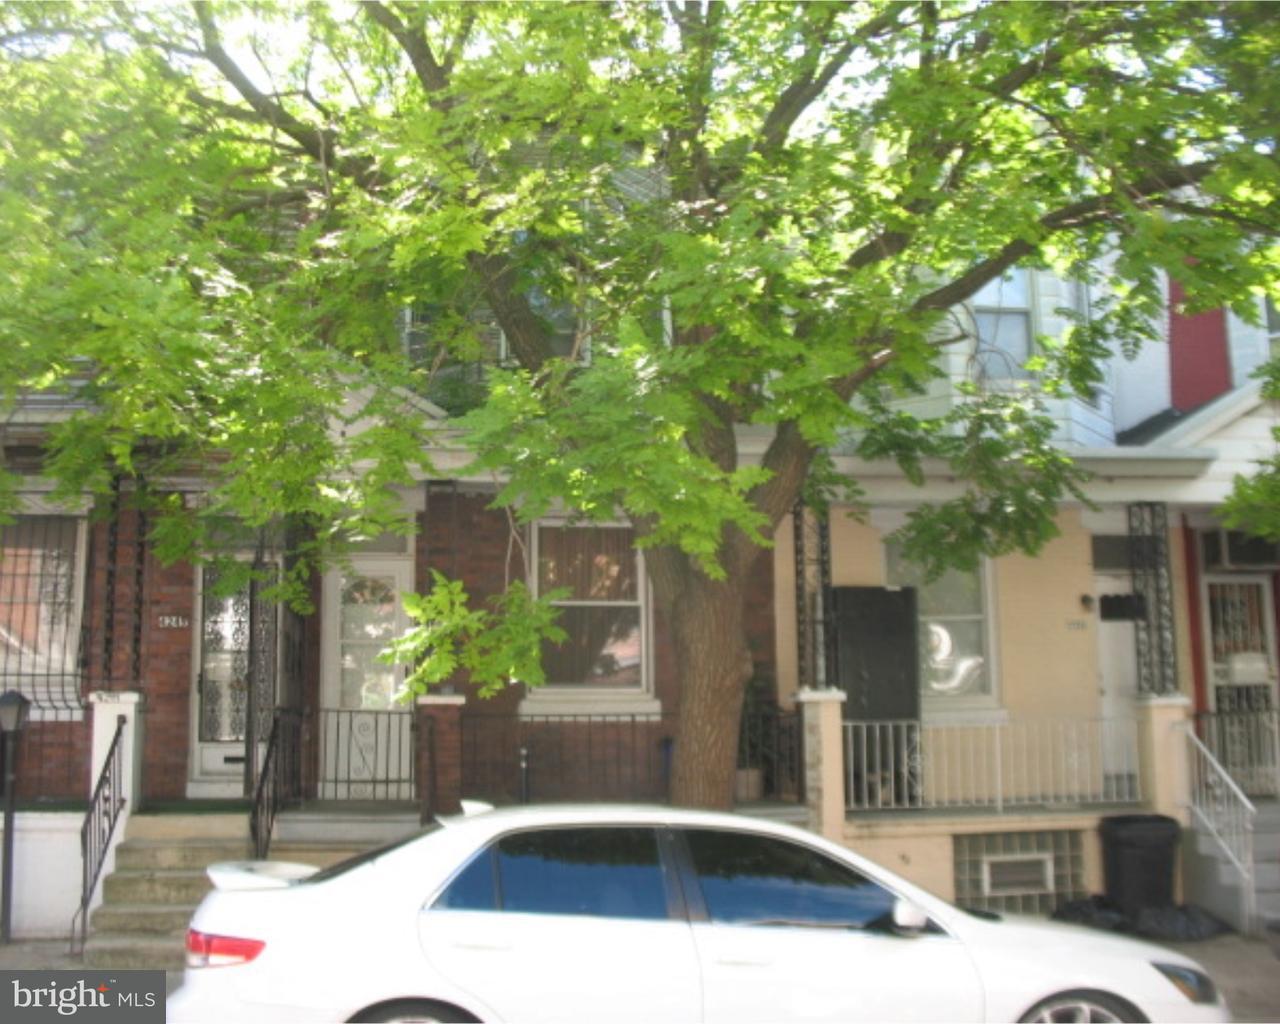 4247 N Reese Street Philadelphia, PA 19140